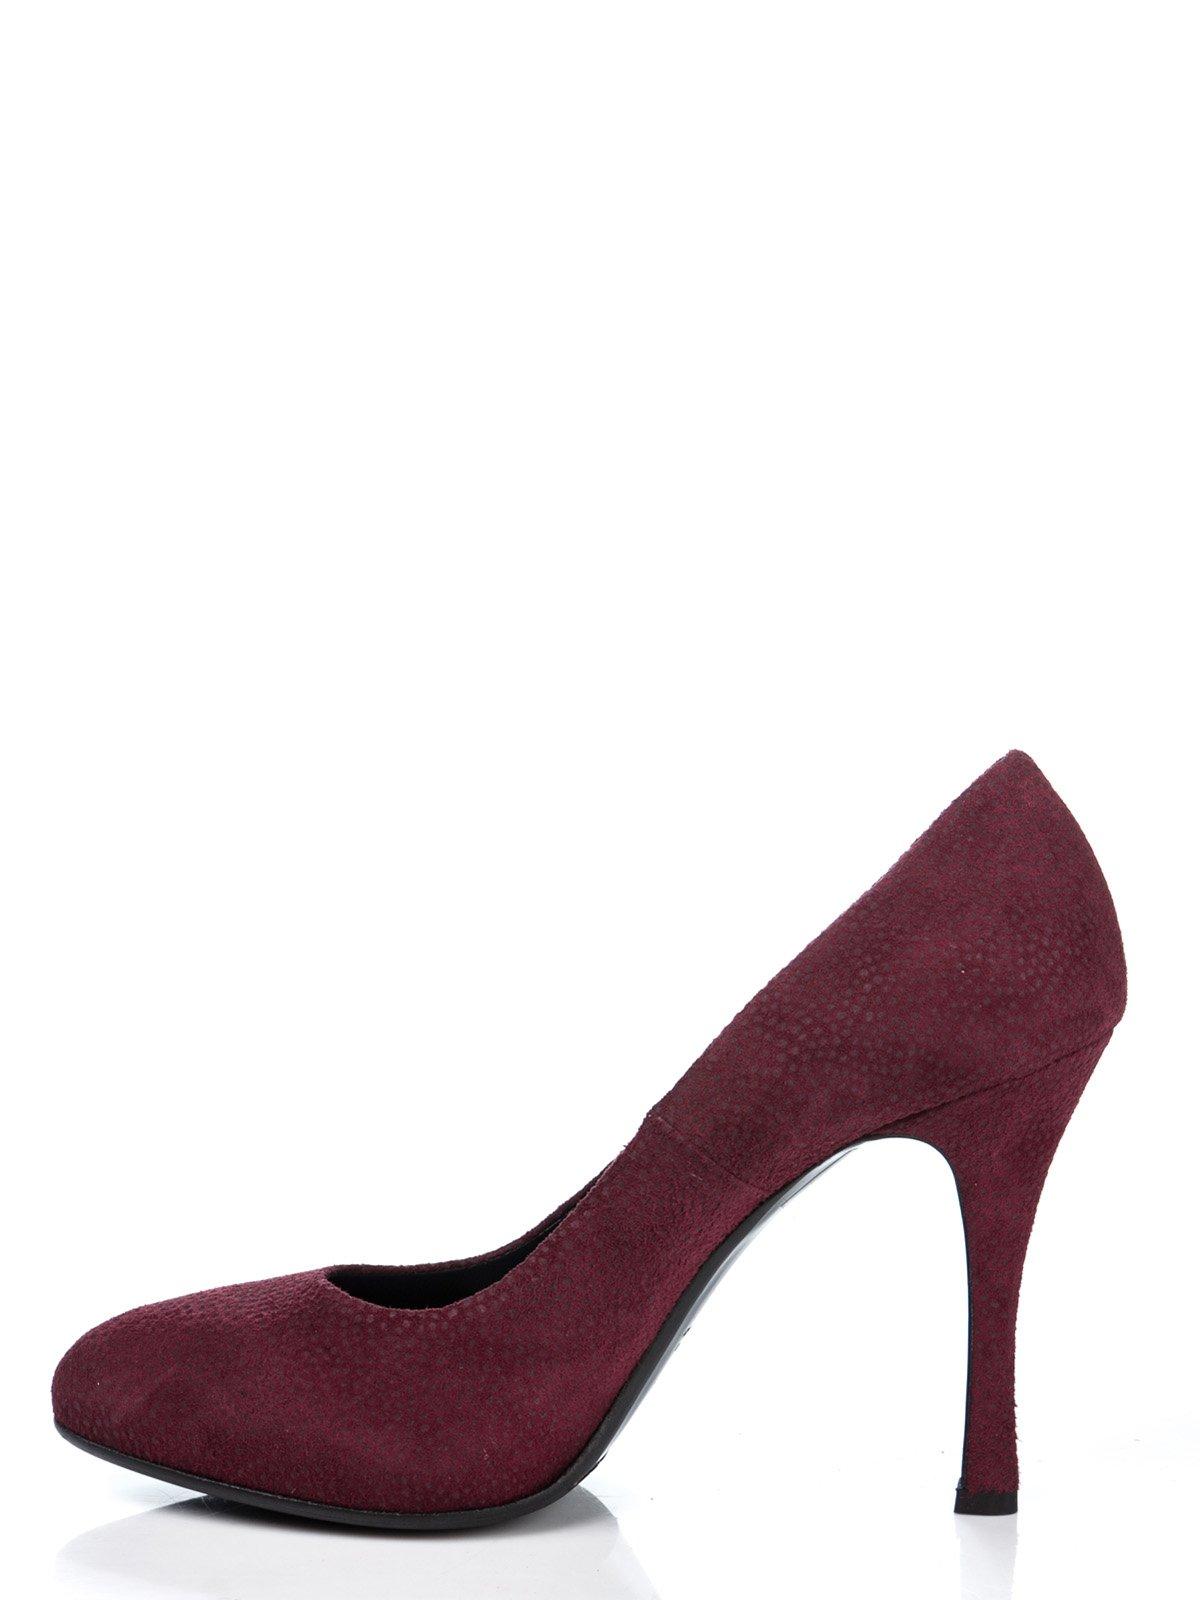 88655ea1e7cf05 Бордові туфлі — Loriblu, акція діє до 2 липня 2019 року   LeBoutique —  Колекція брендових речей від Loriblu — 1505027